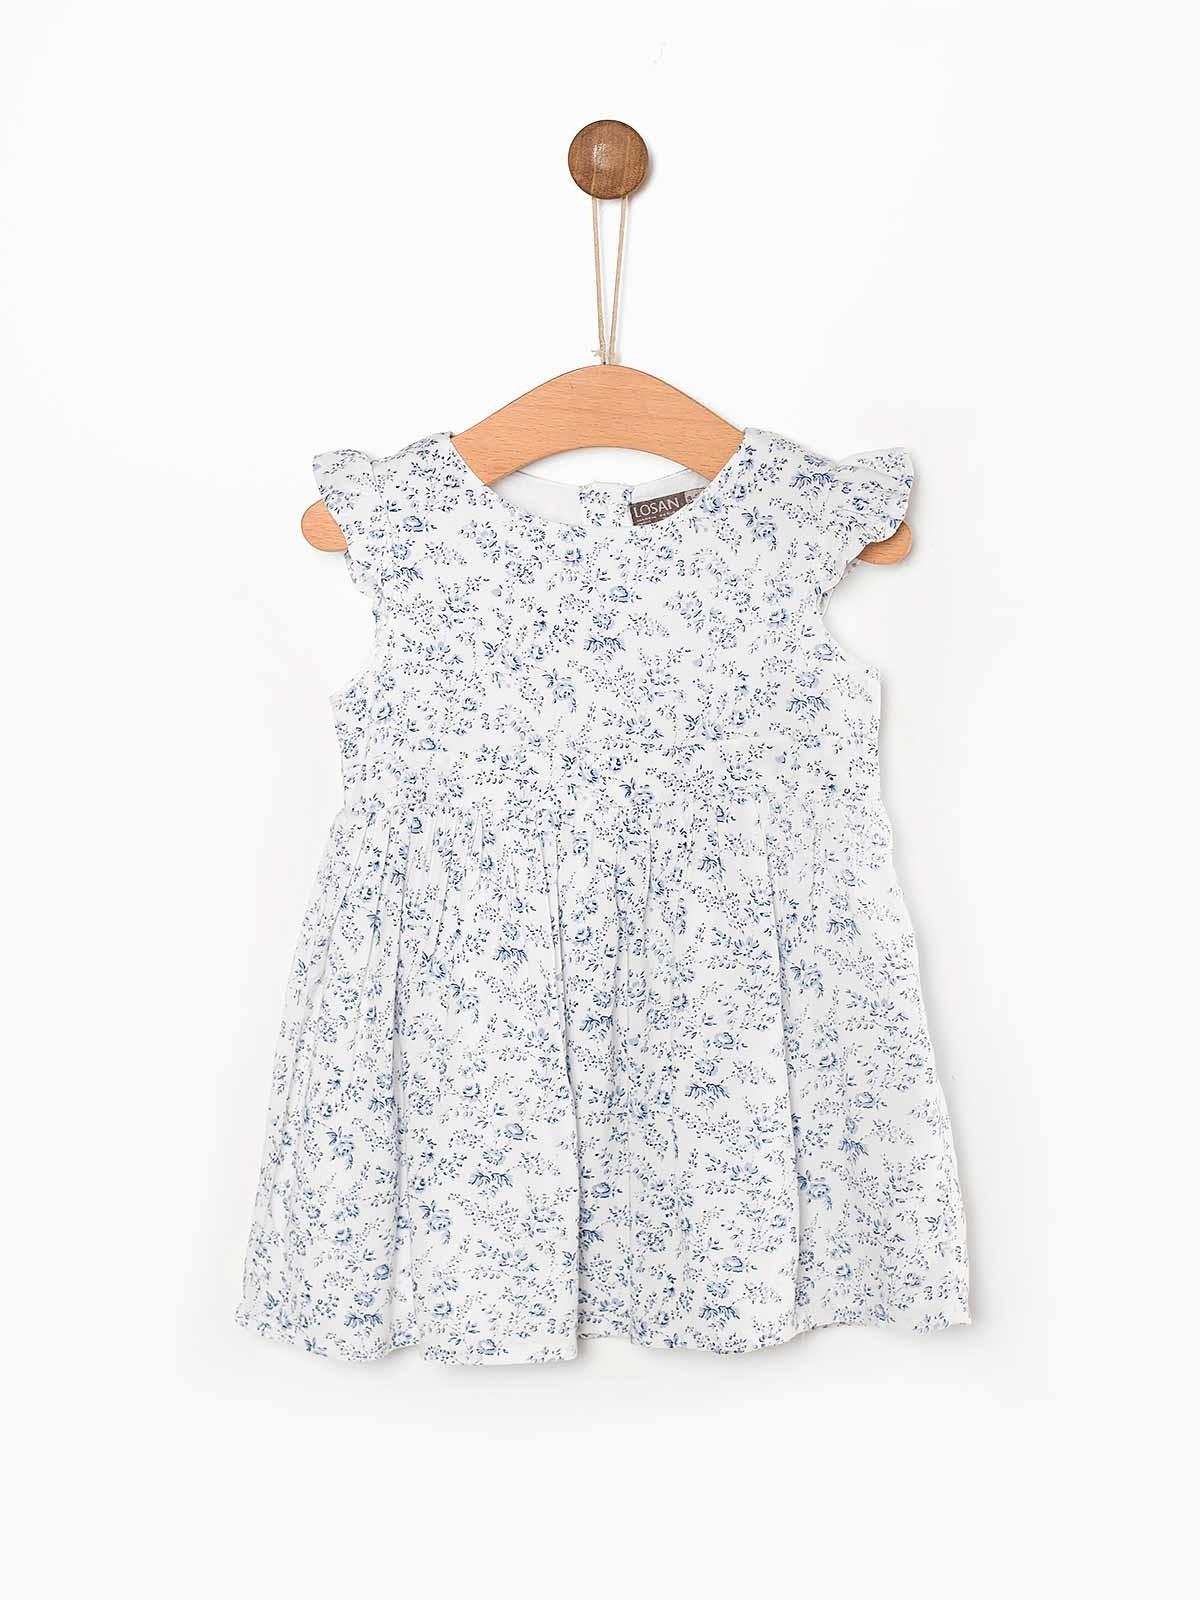 Conjunto vestido branco floral